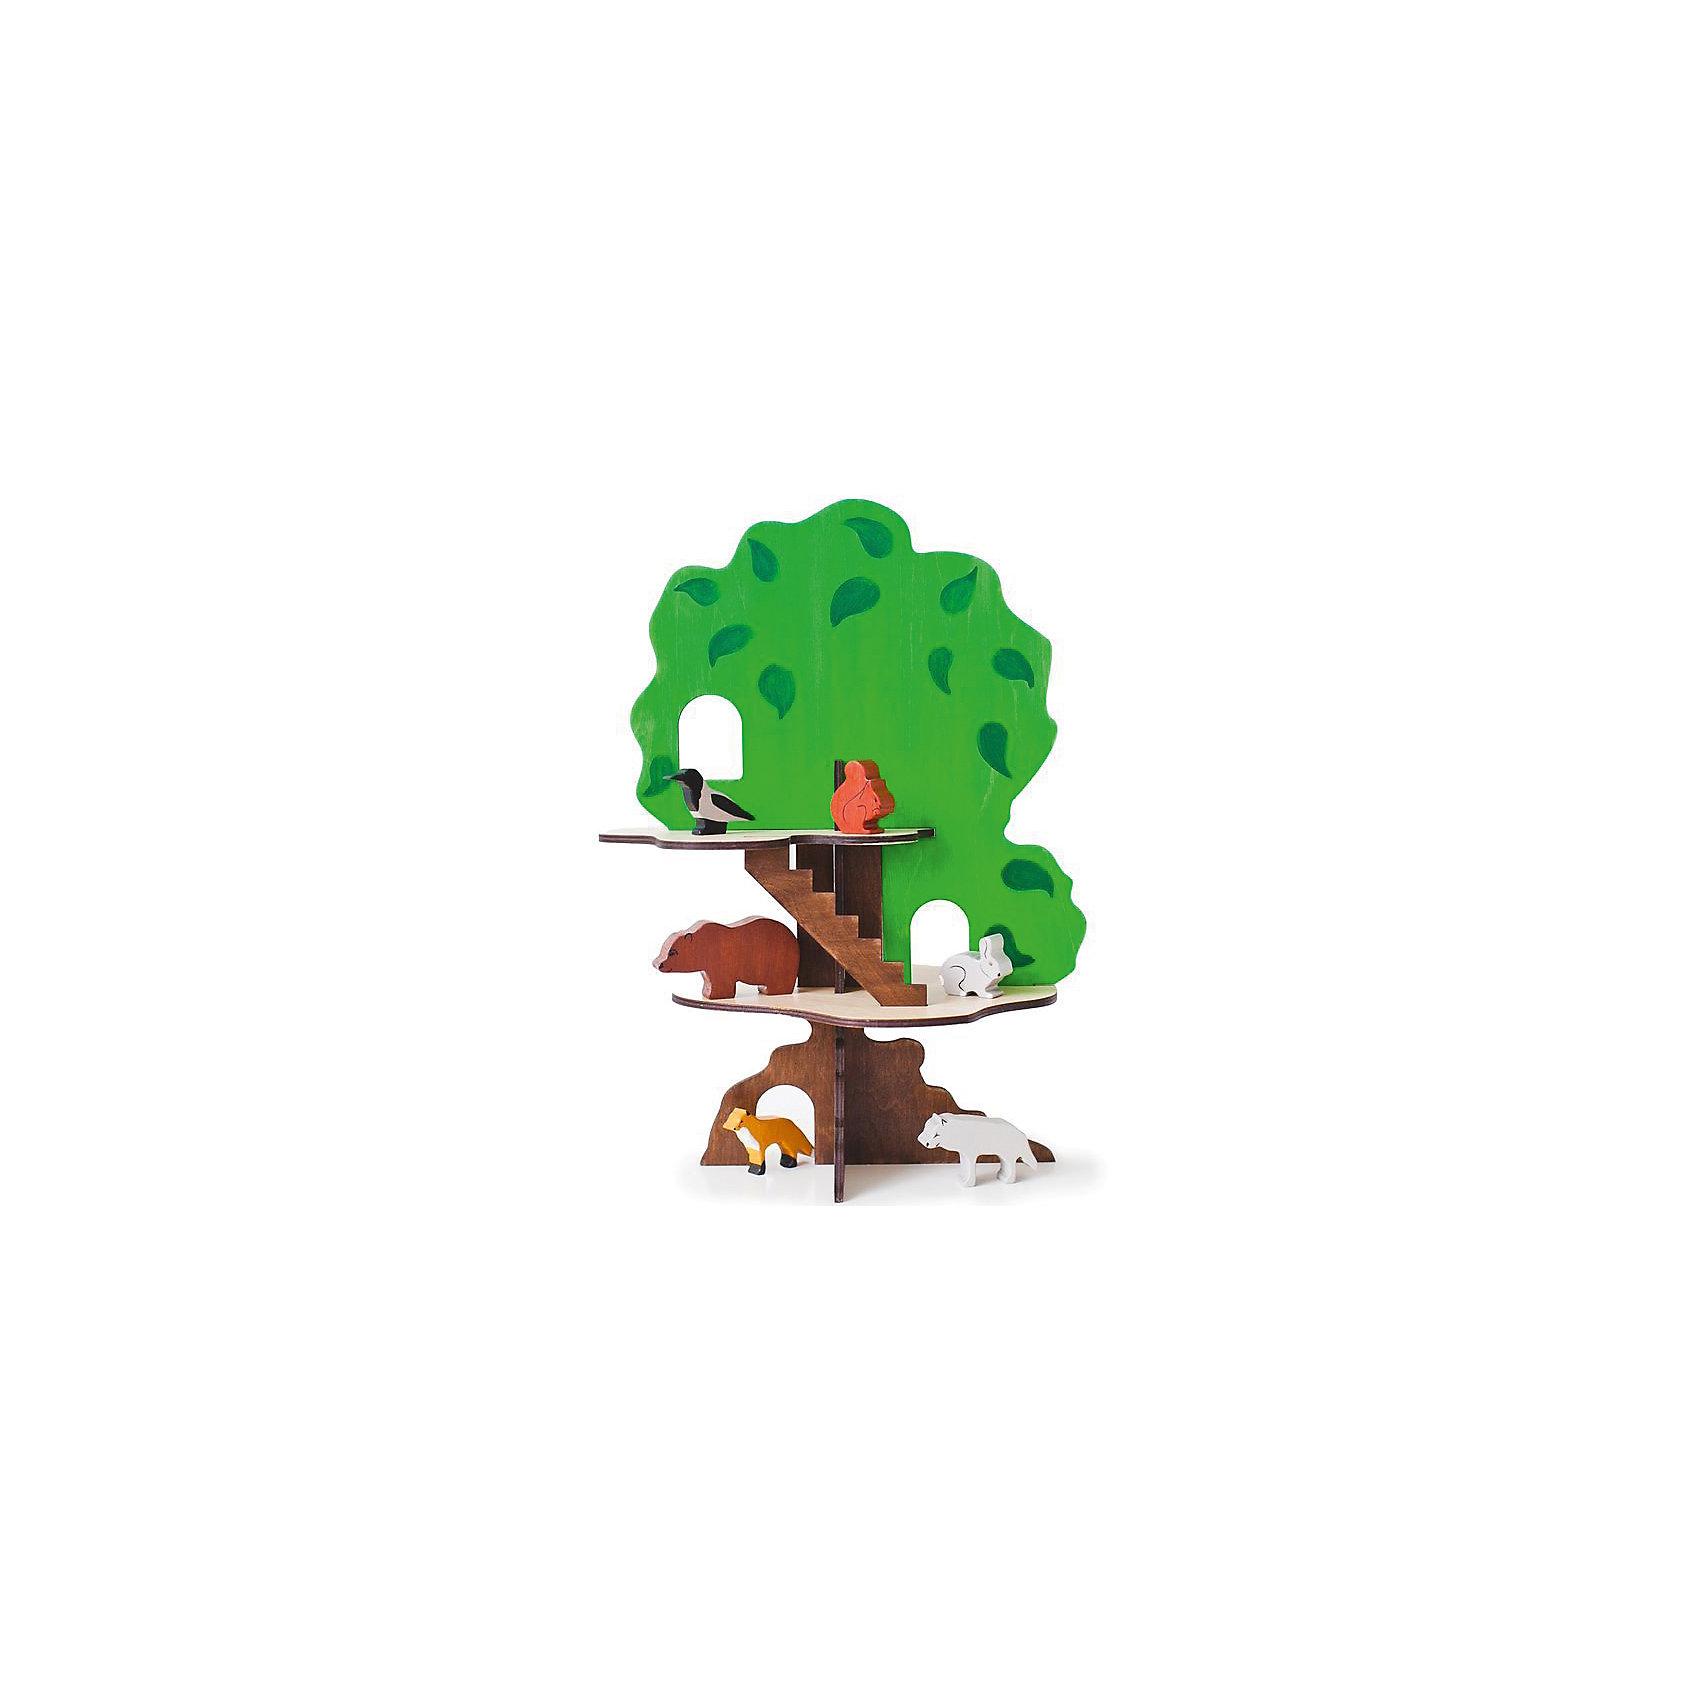 Игрушка-конструктор Дом-дерево с 6 фигурками животных, PAREMOИгрушечное дерево представляет собой игровой набор, состоящий из большого дерева с лазами и лесенкой, а также 6 фигурок животных и птиц;<br>- Домик-дерево собирается по принципу пазла. Для сборки не требуется никаких специальных навыков и дополнительного оборудования;<br>- В домике 2 этаж, лестница, окошки и дупло;<br>- Ствол дерева и лестница - темно-коричневый; этажи - бежевые, а крона - ярко-зеленая с прорисованными большими листьями;<br>- Игрушка достаточно большая, чтобы с ней могли играть сразу 2 ребенка. Игрушка универсальная: подходит и мальчикам и девочкам;<br>- Материалы: массив бука, фанера;<br>- Покраска и роспись ручные, красители безопасные на водной основе;<br>- В комплекте 6 фигурок: медведь, волк, лиса, заяц, белка, ворона.<br>- Рекомендованный возраст: 2+<br><br>Ширина мм: 440<br>Глубина мм: 400<br>Высота мм: 50<br>Вес г: 4000<br>Возраст от месяцев: 36<br>Возраст до месяцев: 120<br>Пол: Унисекс<br>Возраст: Детский<br>SKU: 4979520